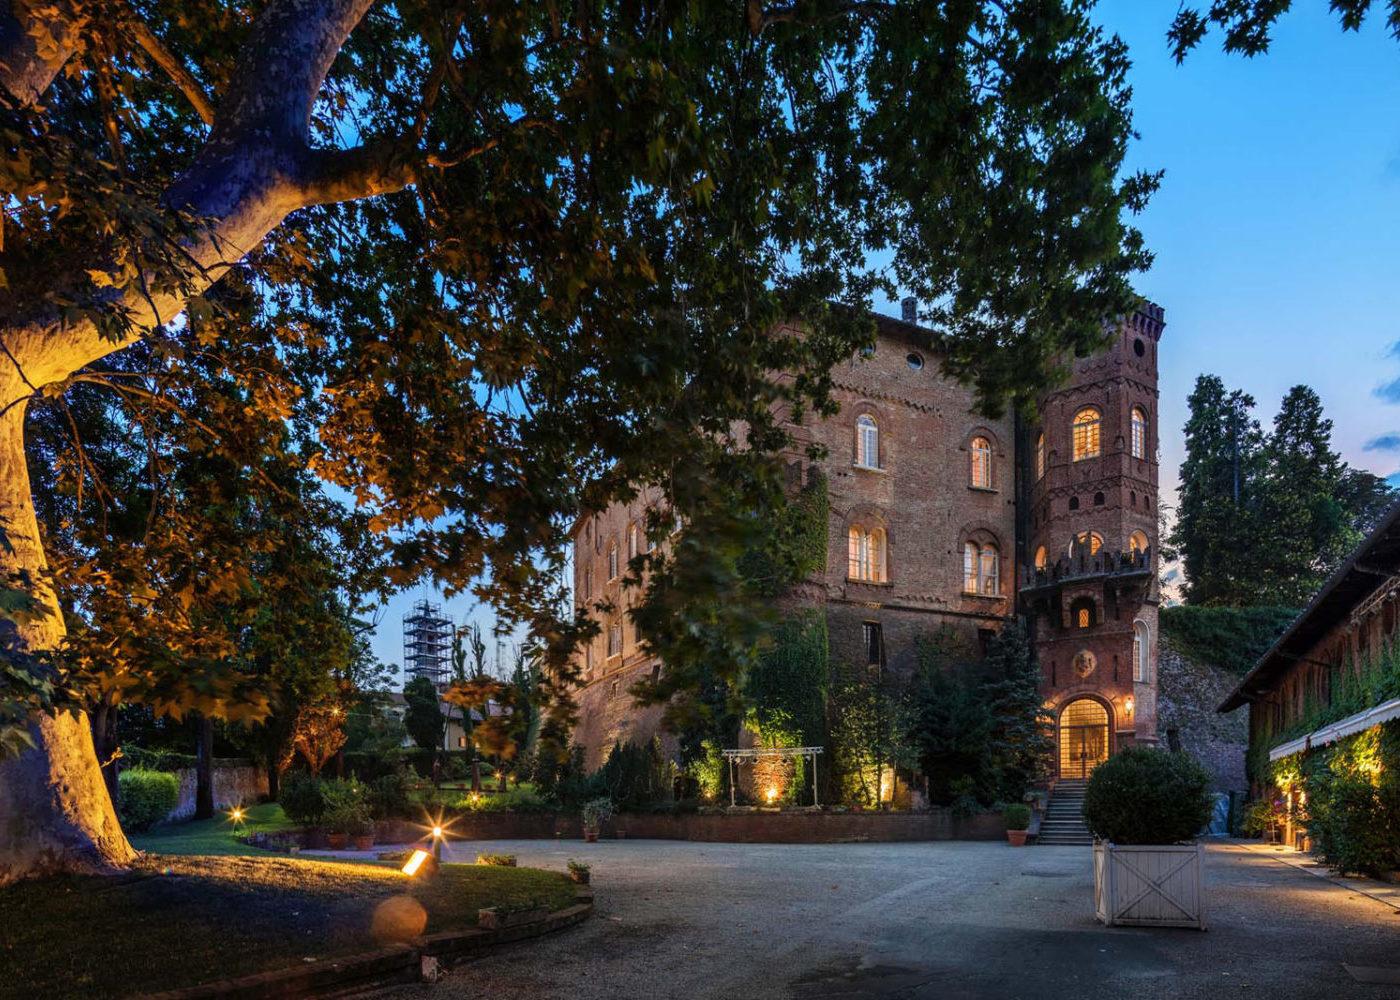 fotografo-immobiliare-per-hotel-castello-di-oviglio